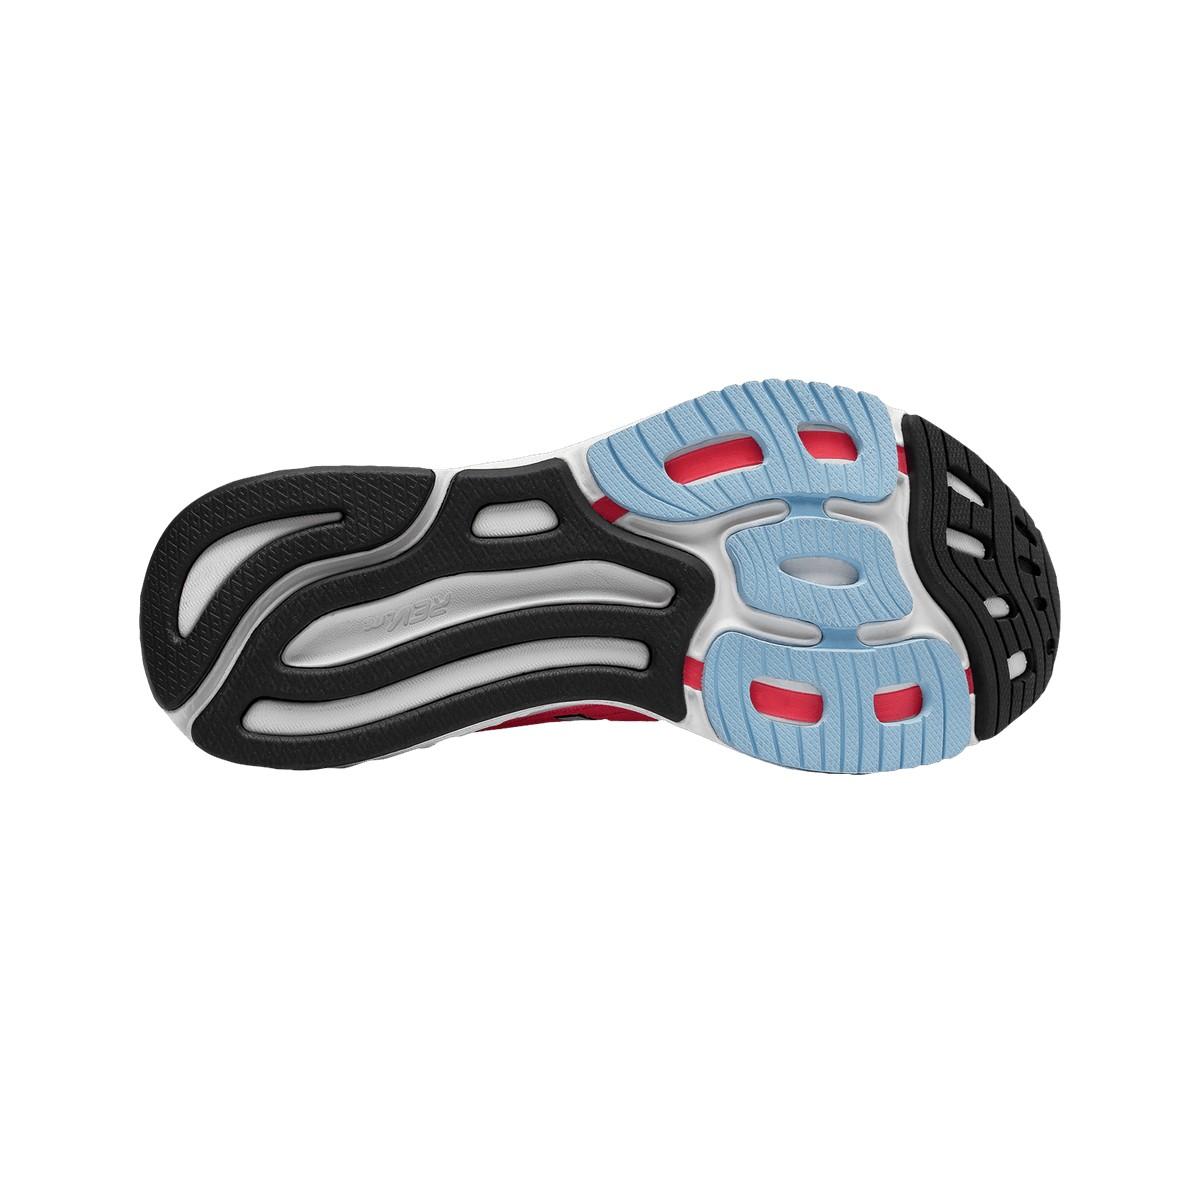 calcetines Escalera A veces  Zapatillas New Balance 890 v6 coral PV18 Mujer - 365 Rider